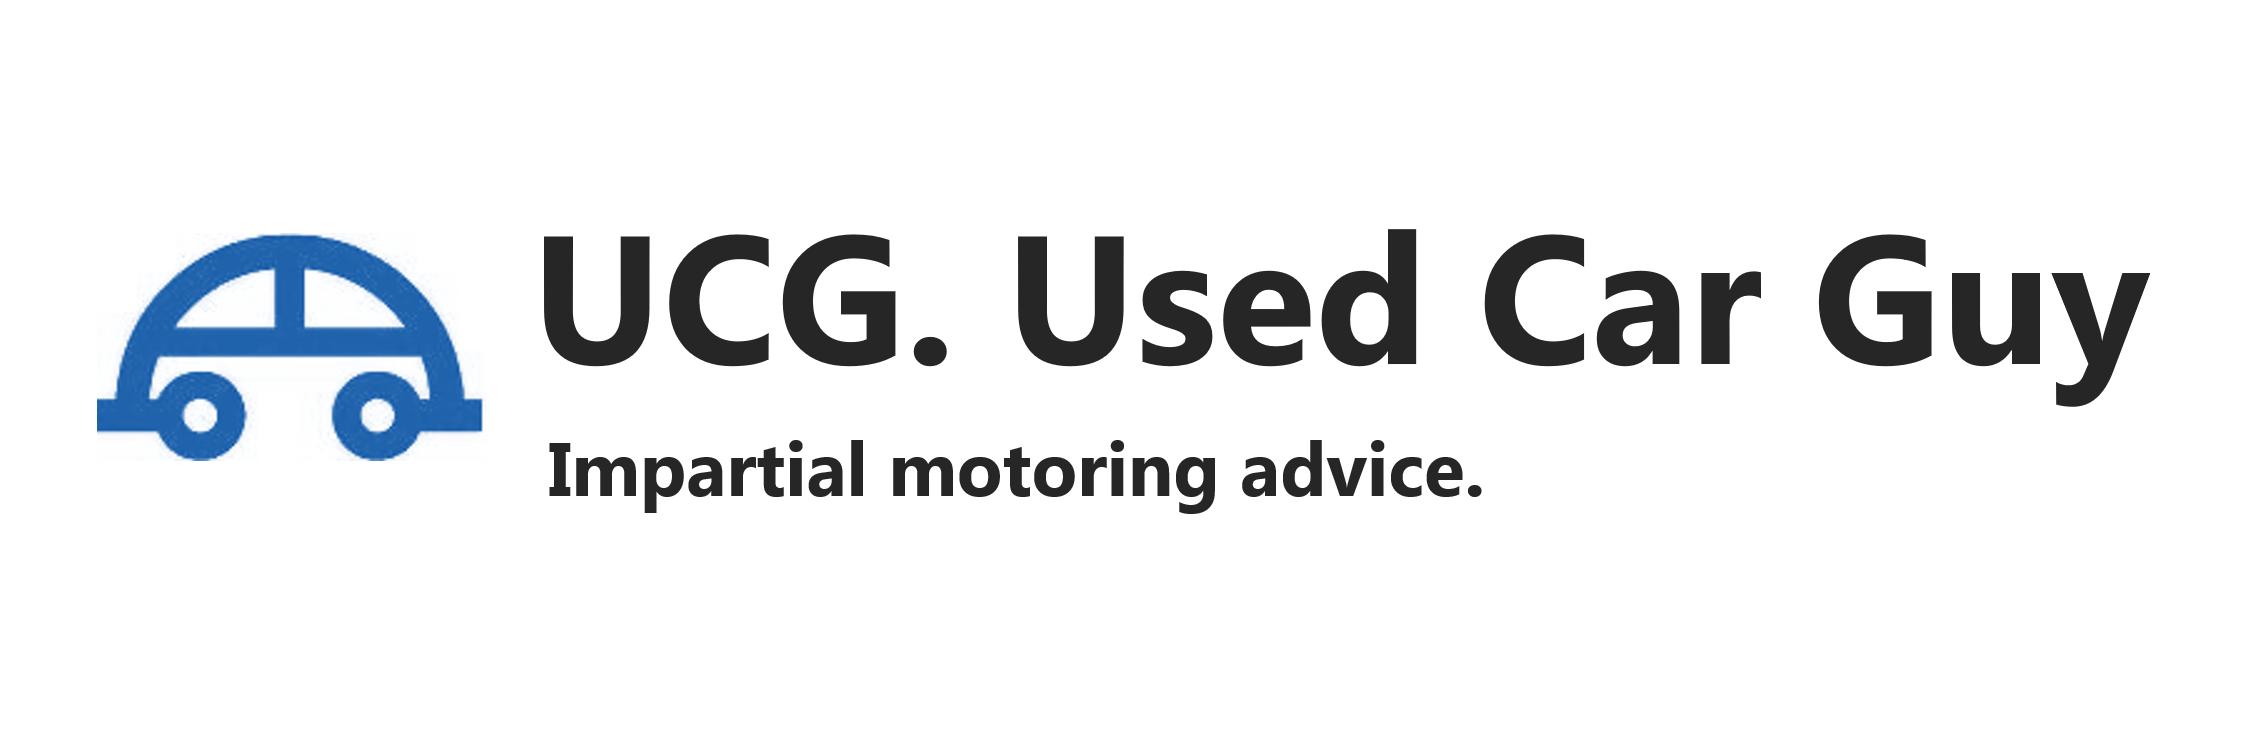 aa car financing guide